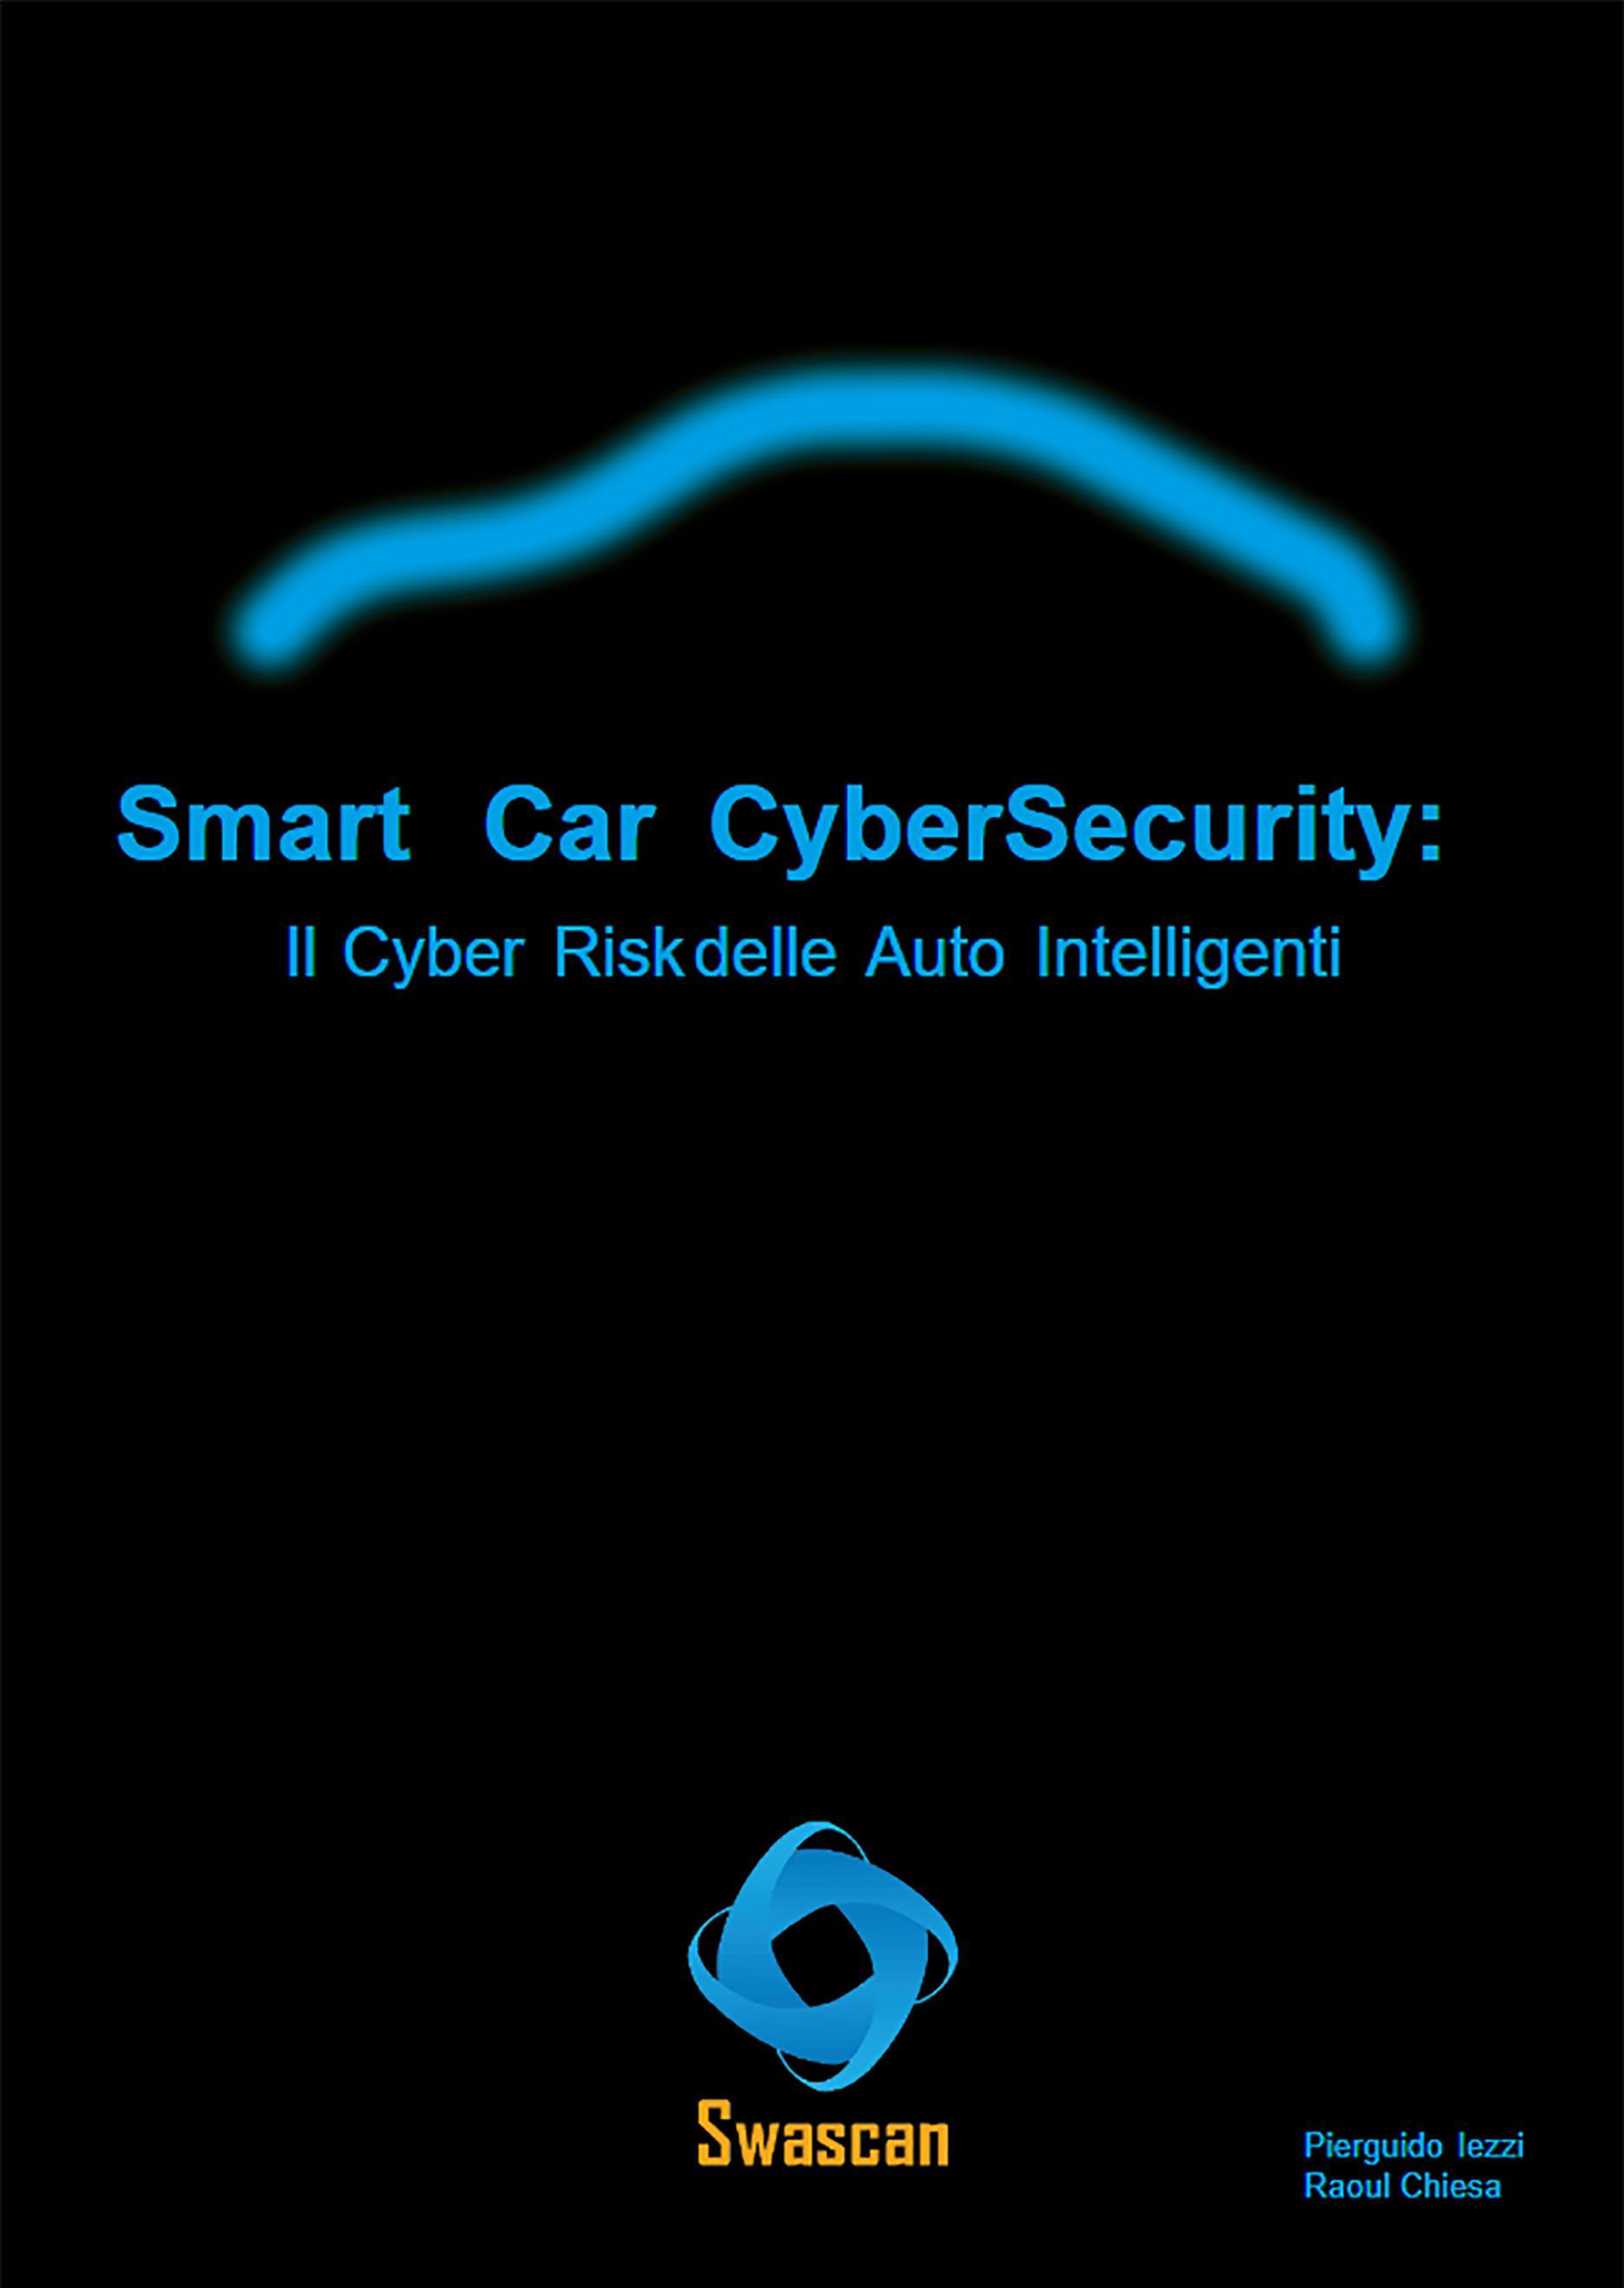 Smart Car CyberSecurity: Il Cyber Risk delle Auto Intelligenti